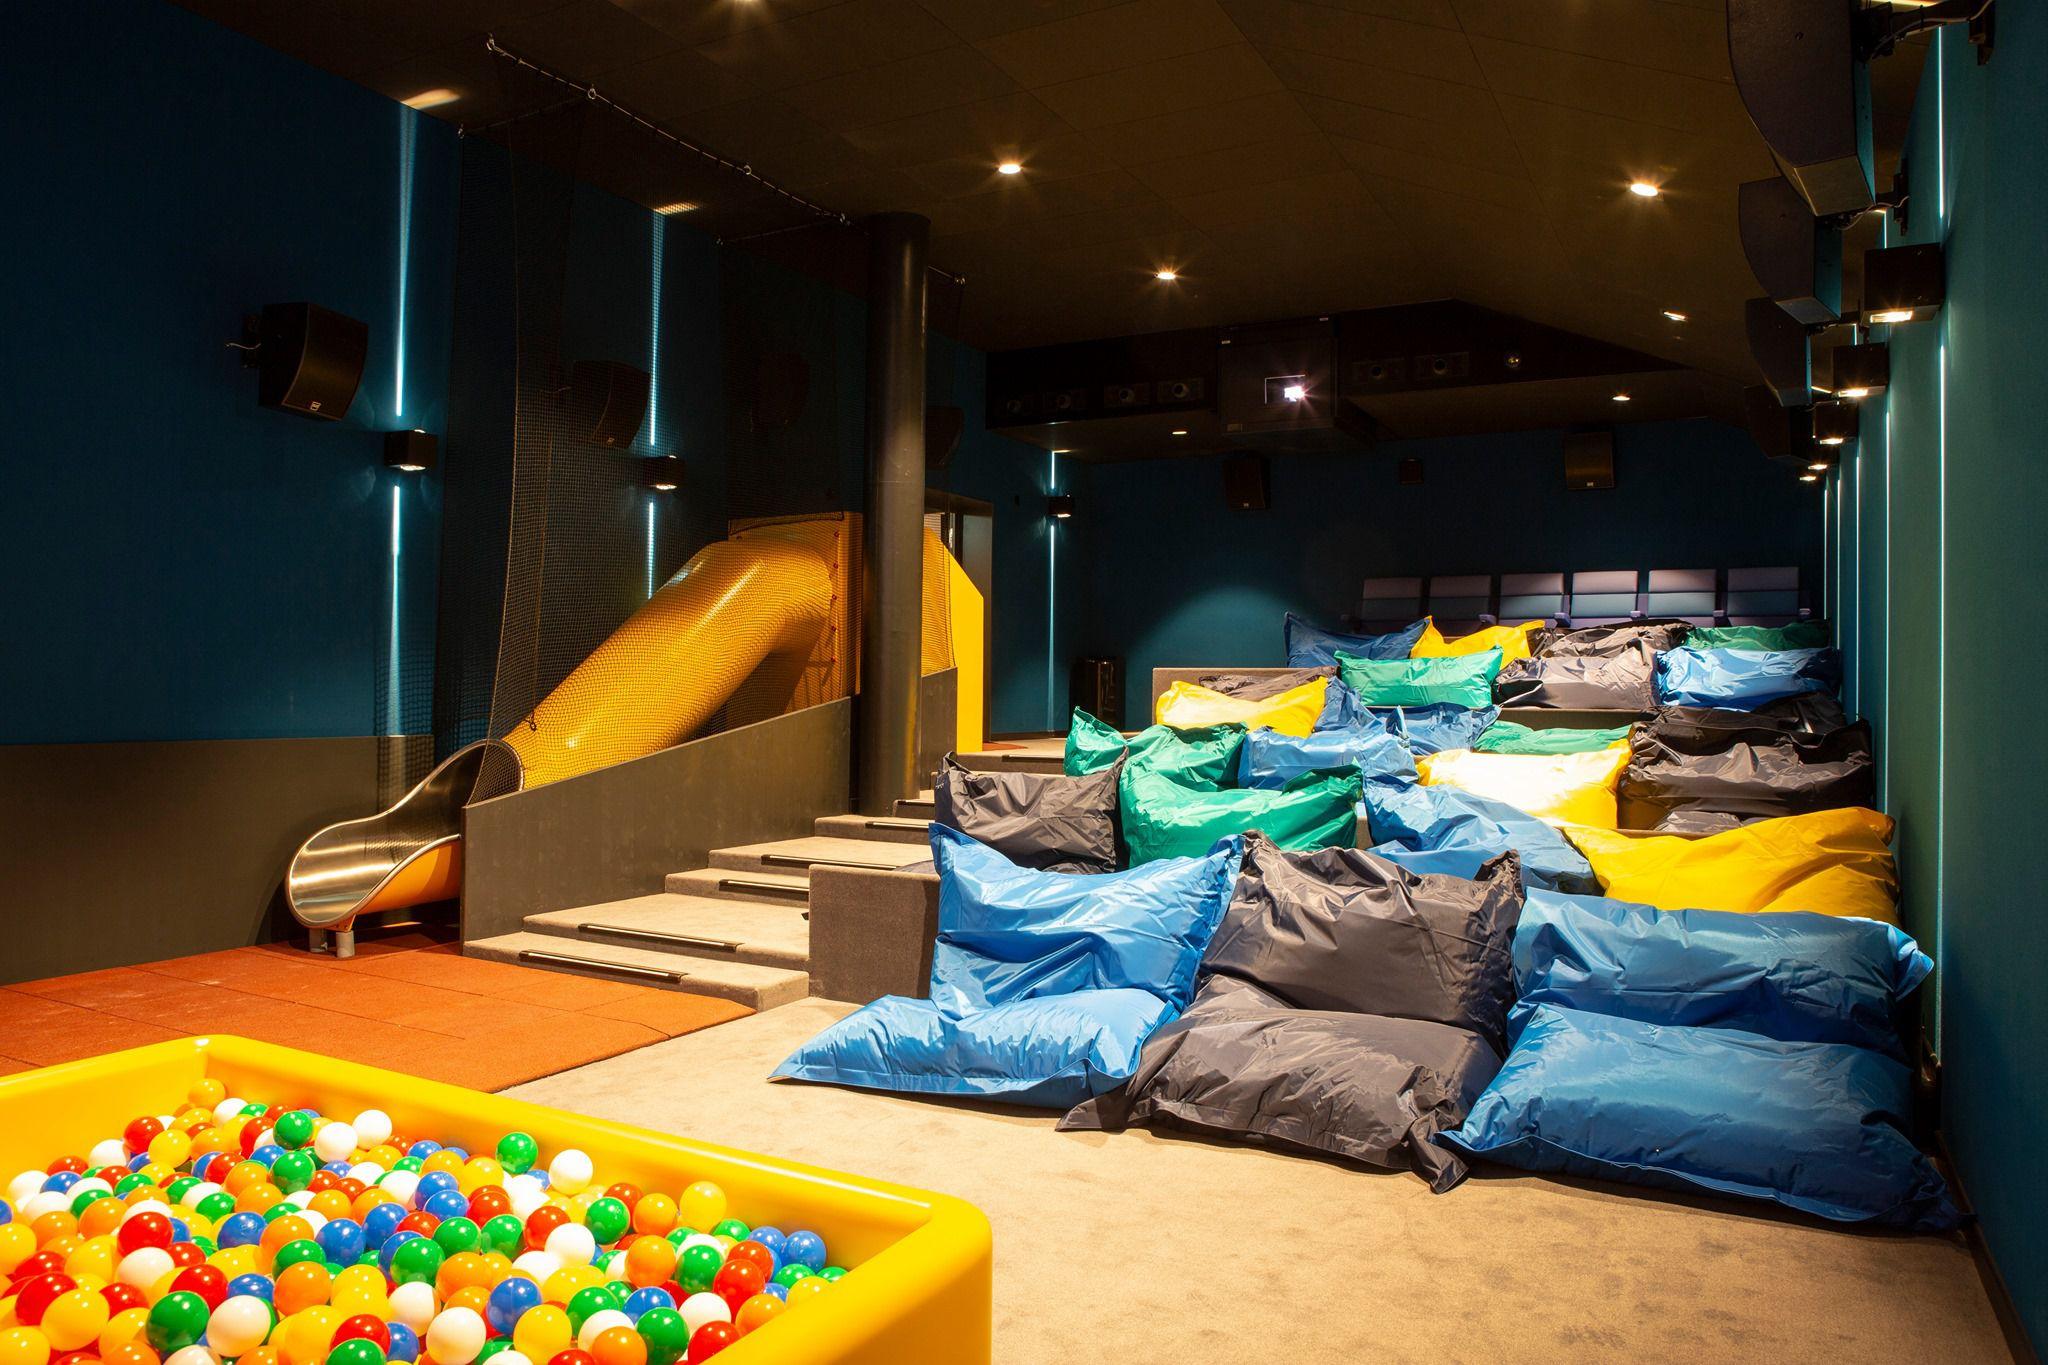 cinéma luxe pour enfants en suisse